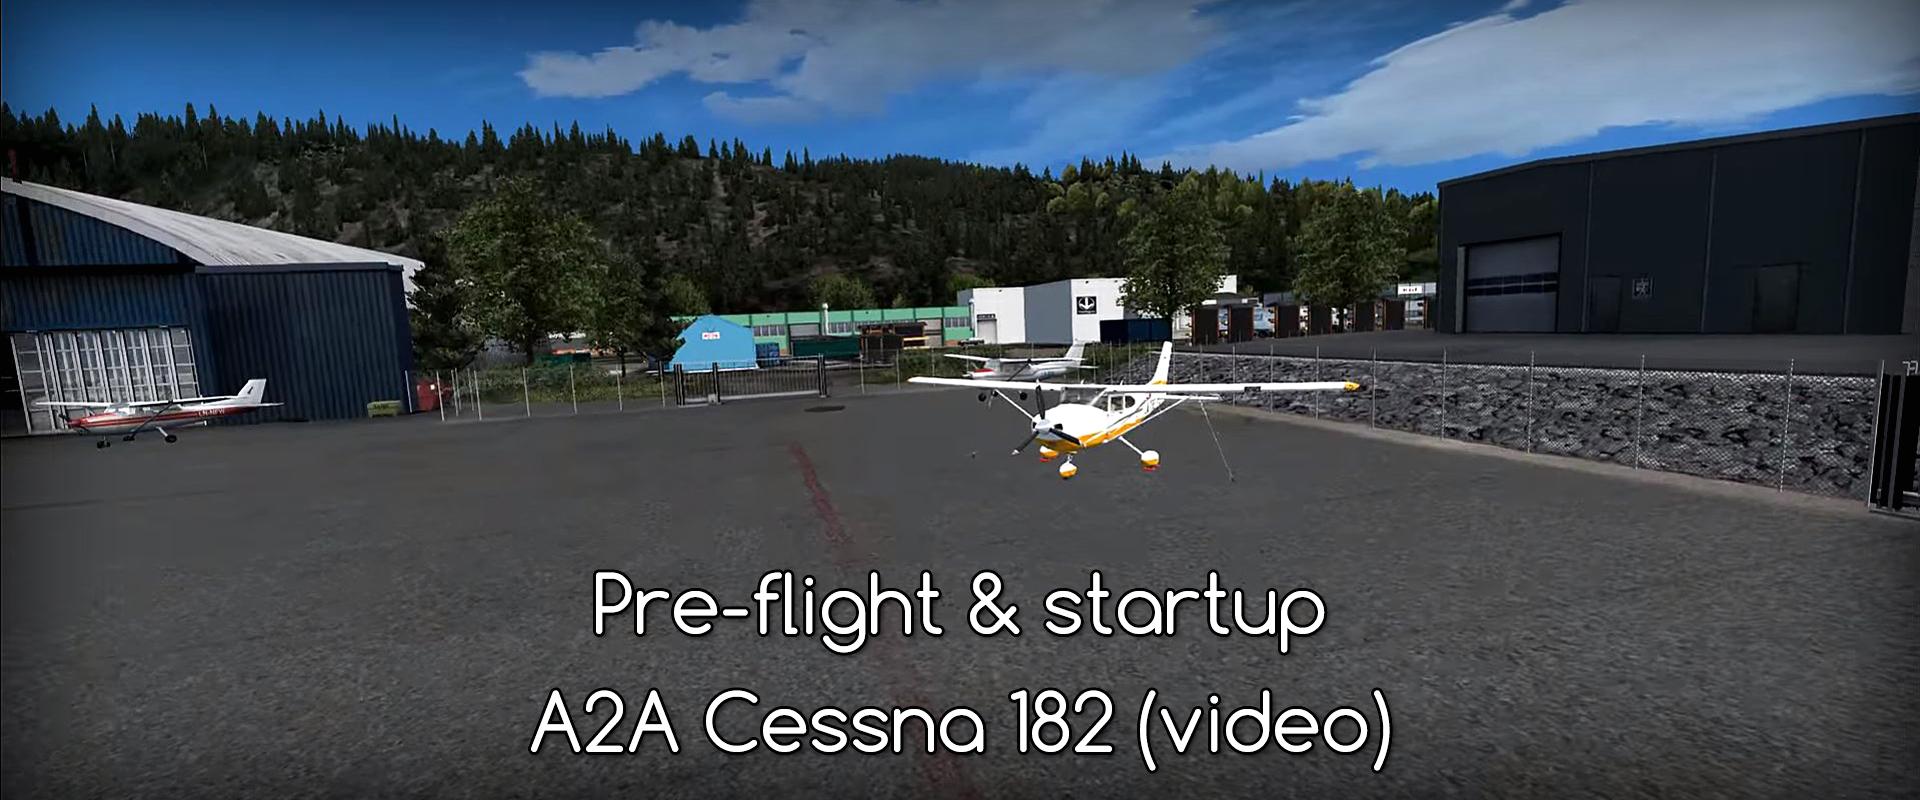 [A2A-AccuSim #2] Pre-flight, startup and runup (Cessna 182)